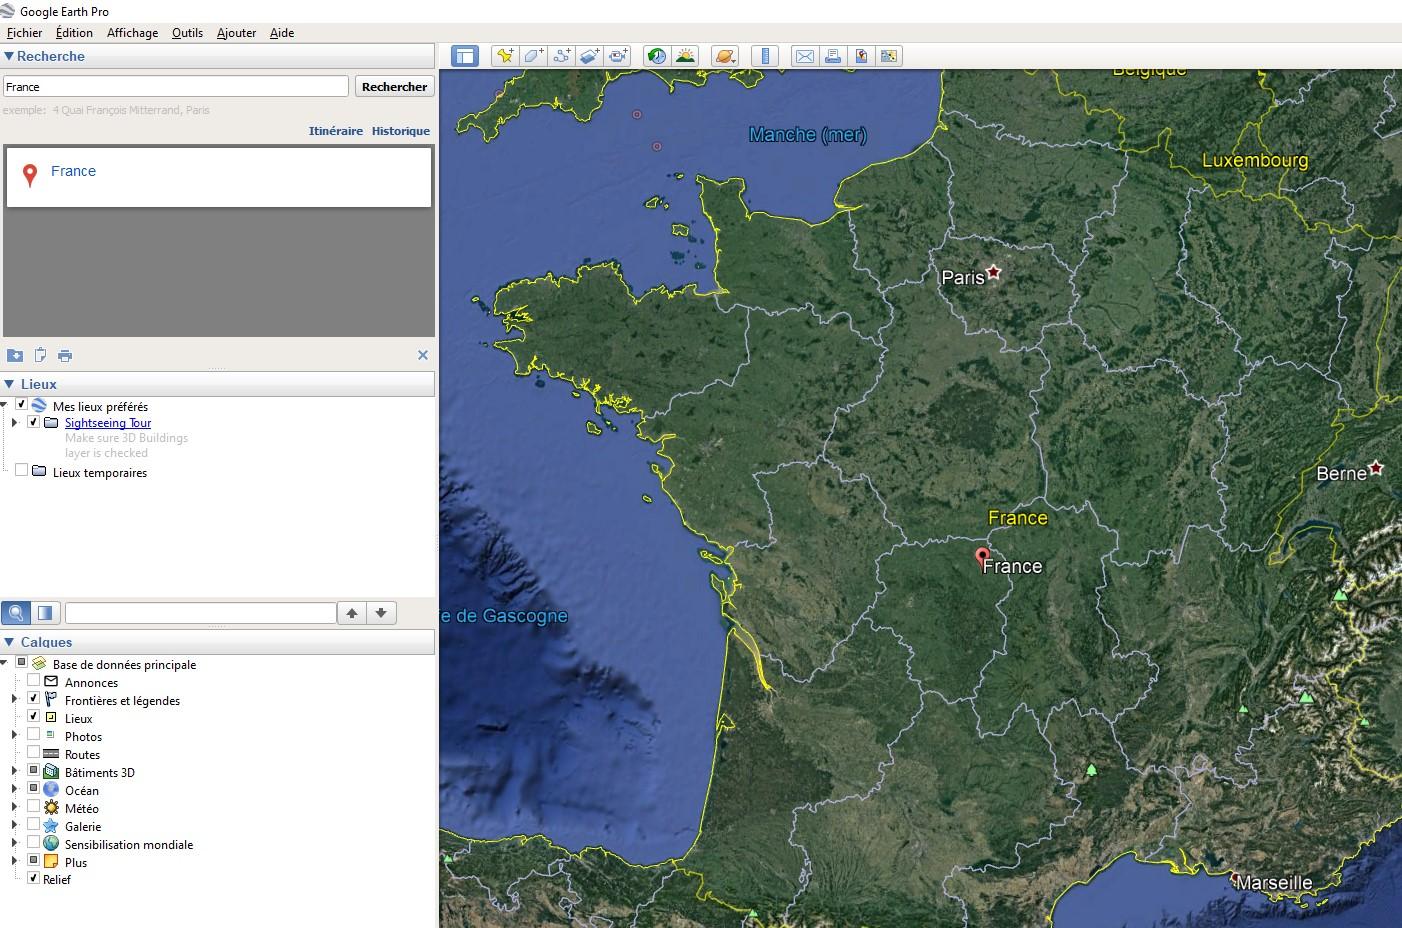 Interface utilisateur de Google Earth Pro